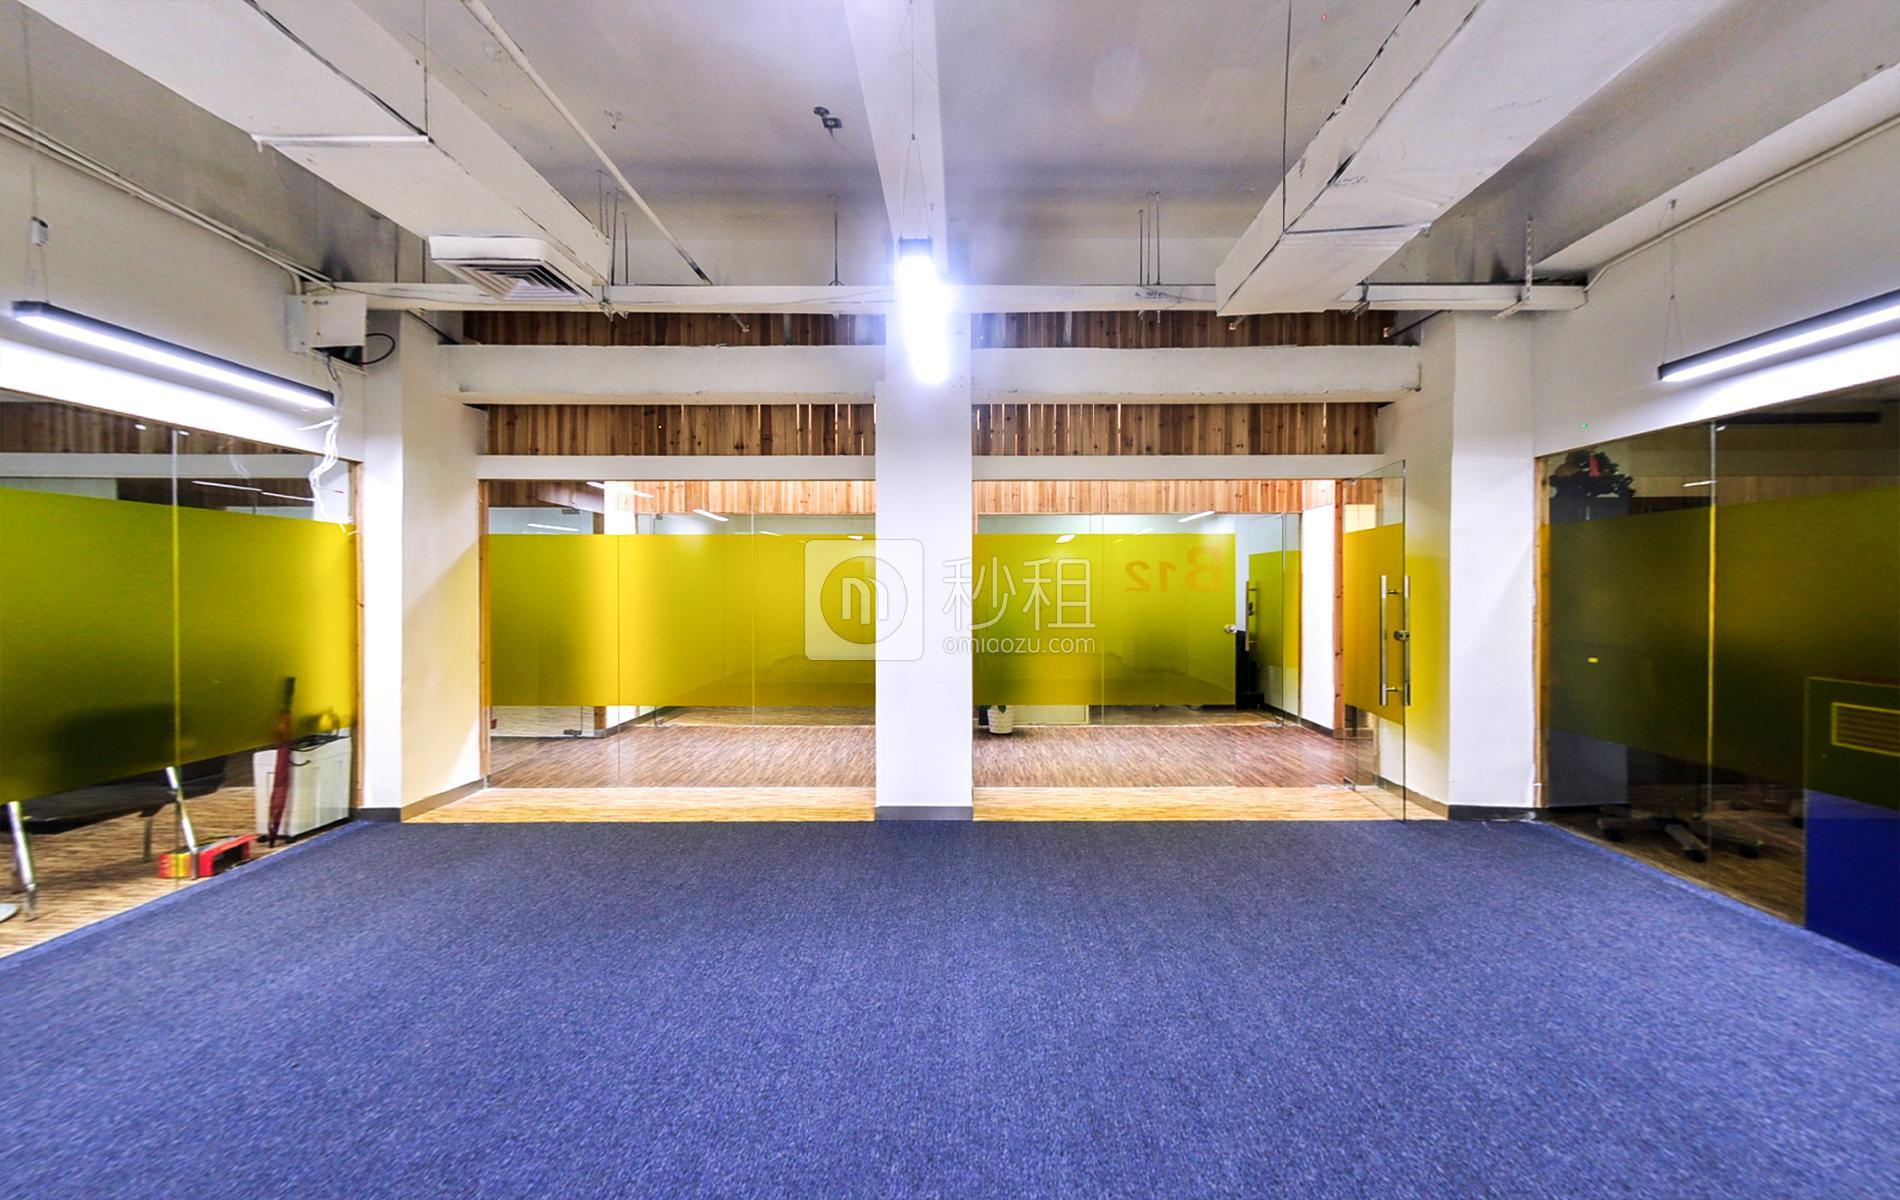 德冠廷-创客汇-富源海滨大厦写字楼出租36平米精装办公室4200元/间.月